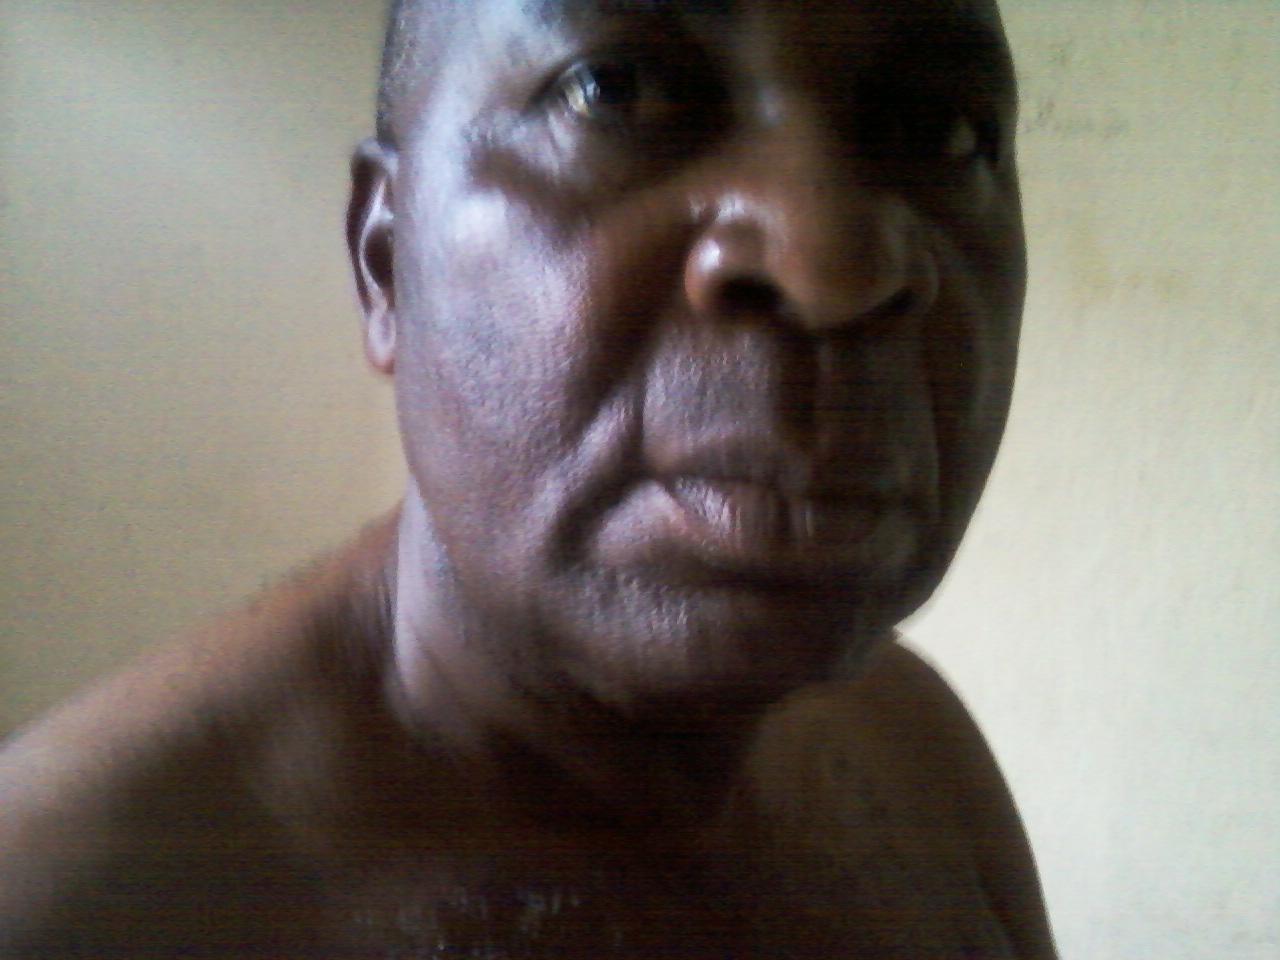 Me Malonga a été torturé et on lui a administré de force dans la bouche un produit suspect (Violations des Droits de l'Homme en Afrique et dans le monde)